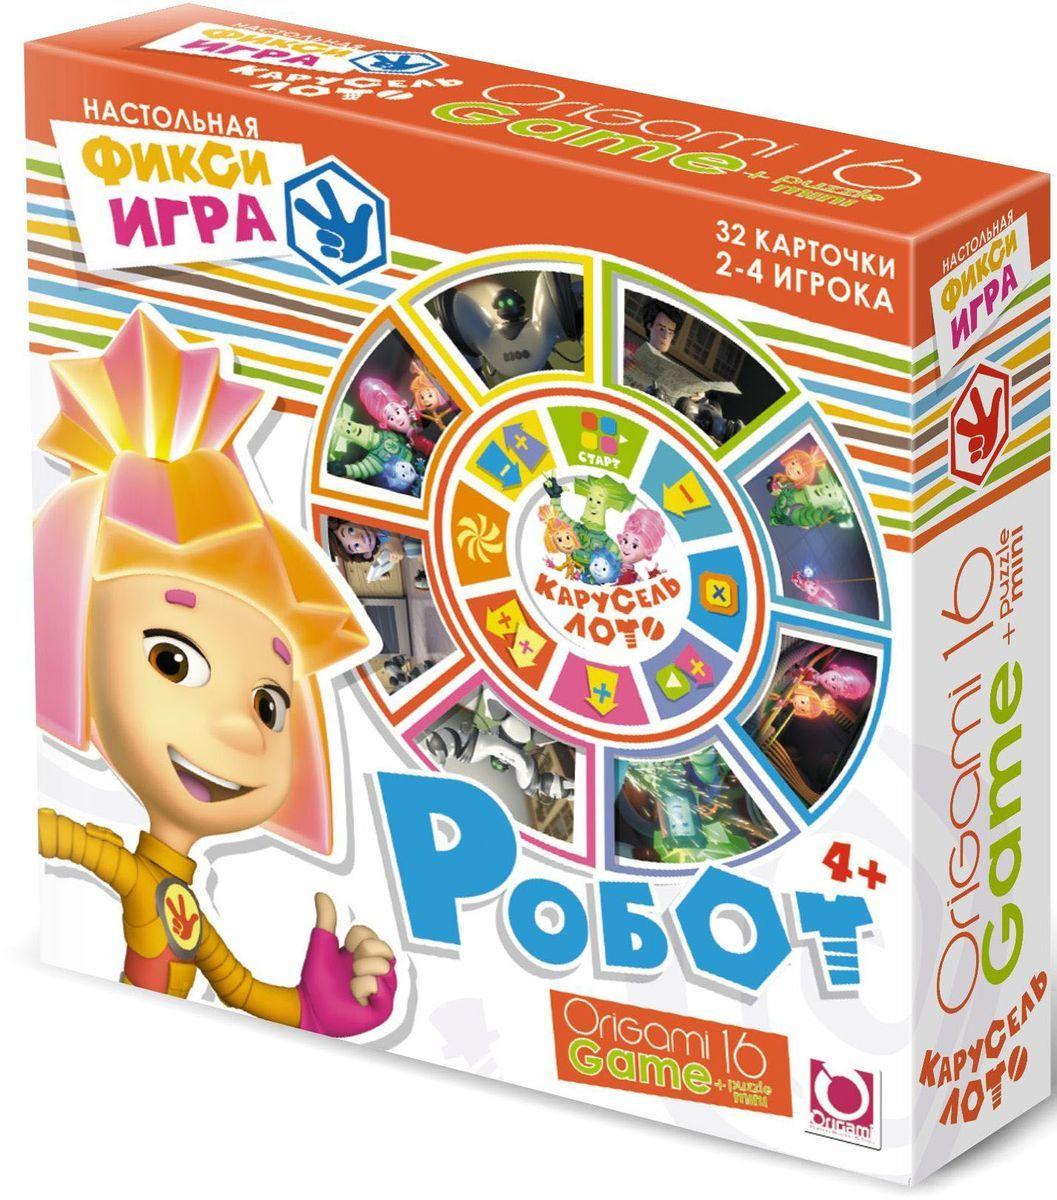 Оригами Обучающая игра Робот00534Настольная игра с героями мультсериала Фиксики станет увлекательным и познавательным приключением, а также поможет ребёнку развить в игровой форме сообразительность, смекалку, научит считать, ассоциативно мыслить и стремиться к победе. В состав игры входят поле, карточки, фишки, кубик.